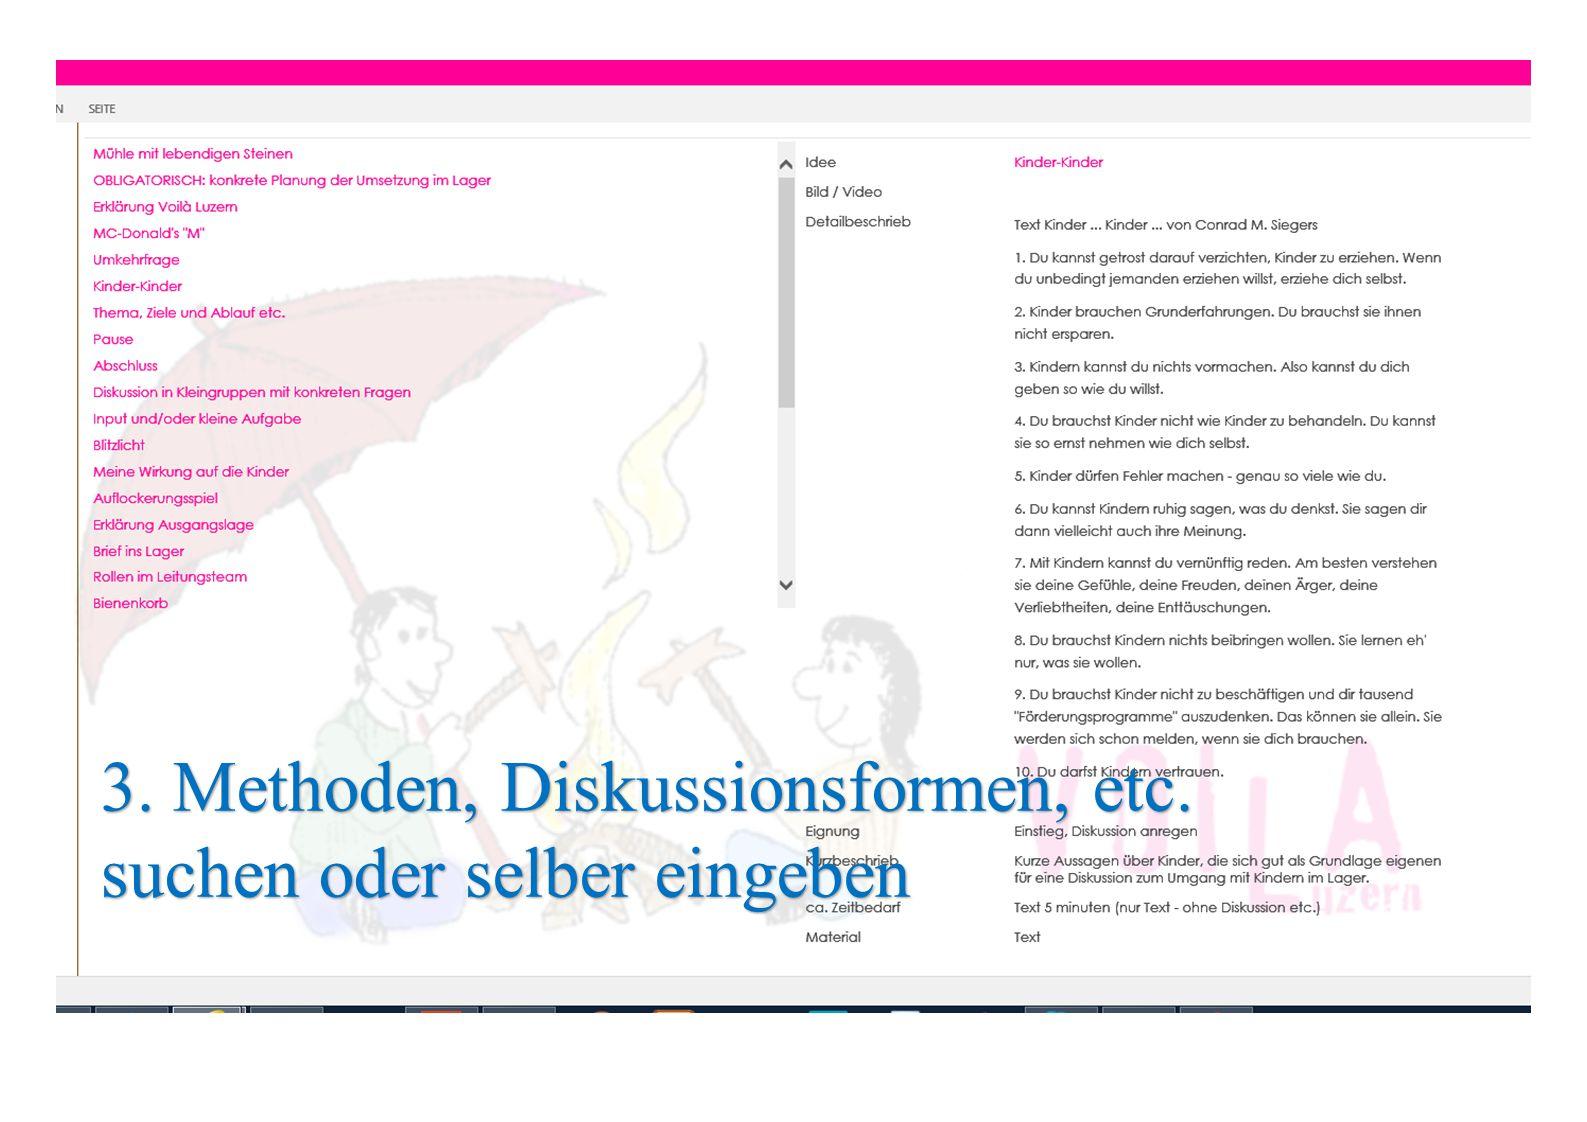 3. Methoden, Diskussionsformen, etc. suchen oder selber eingeben